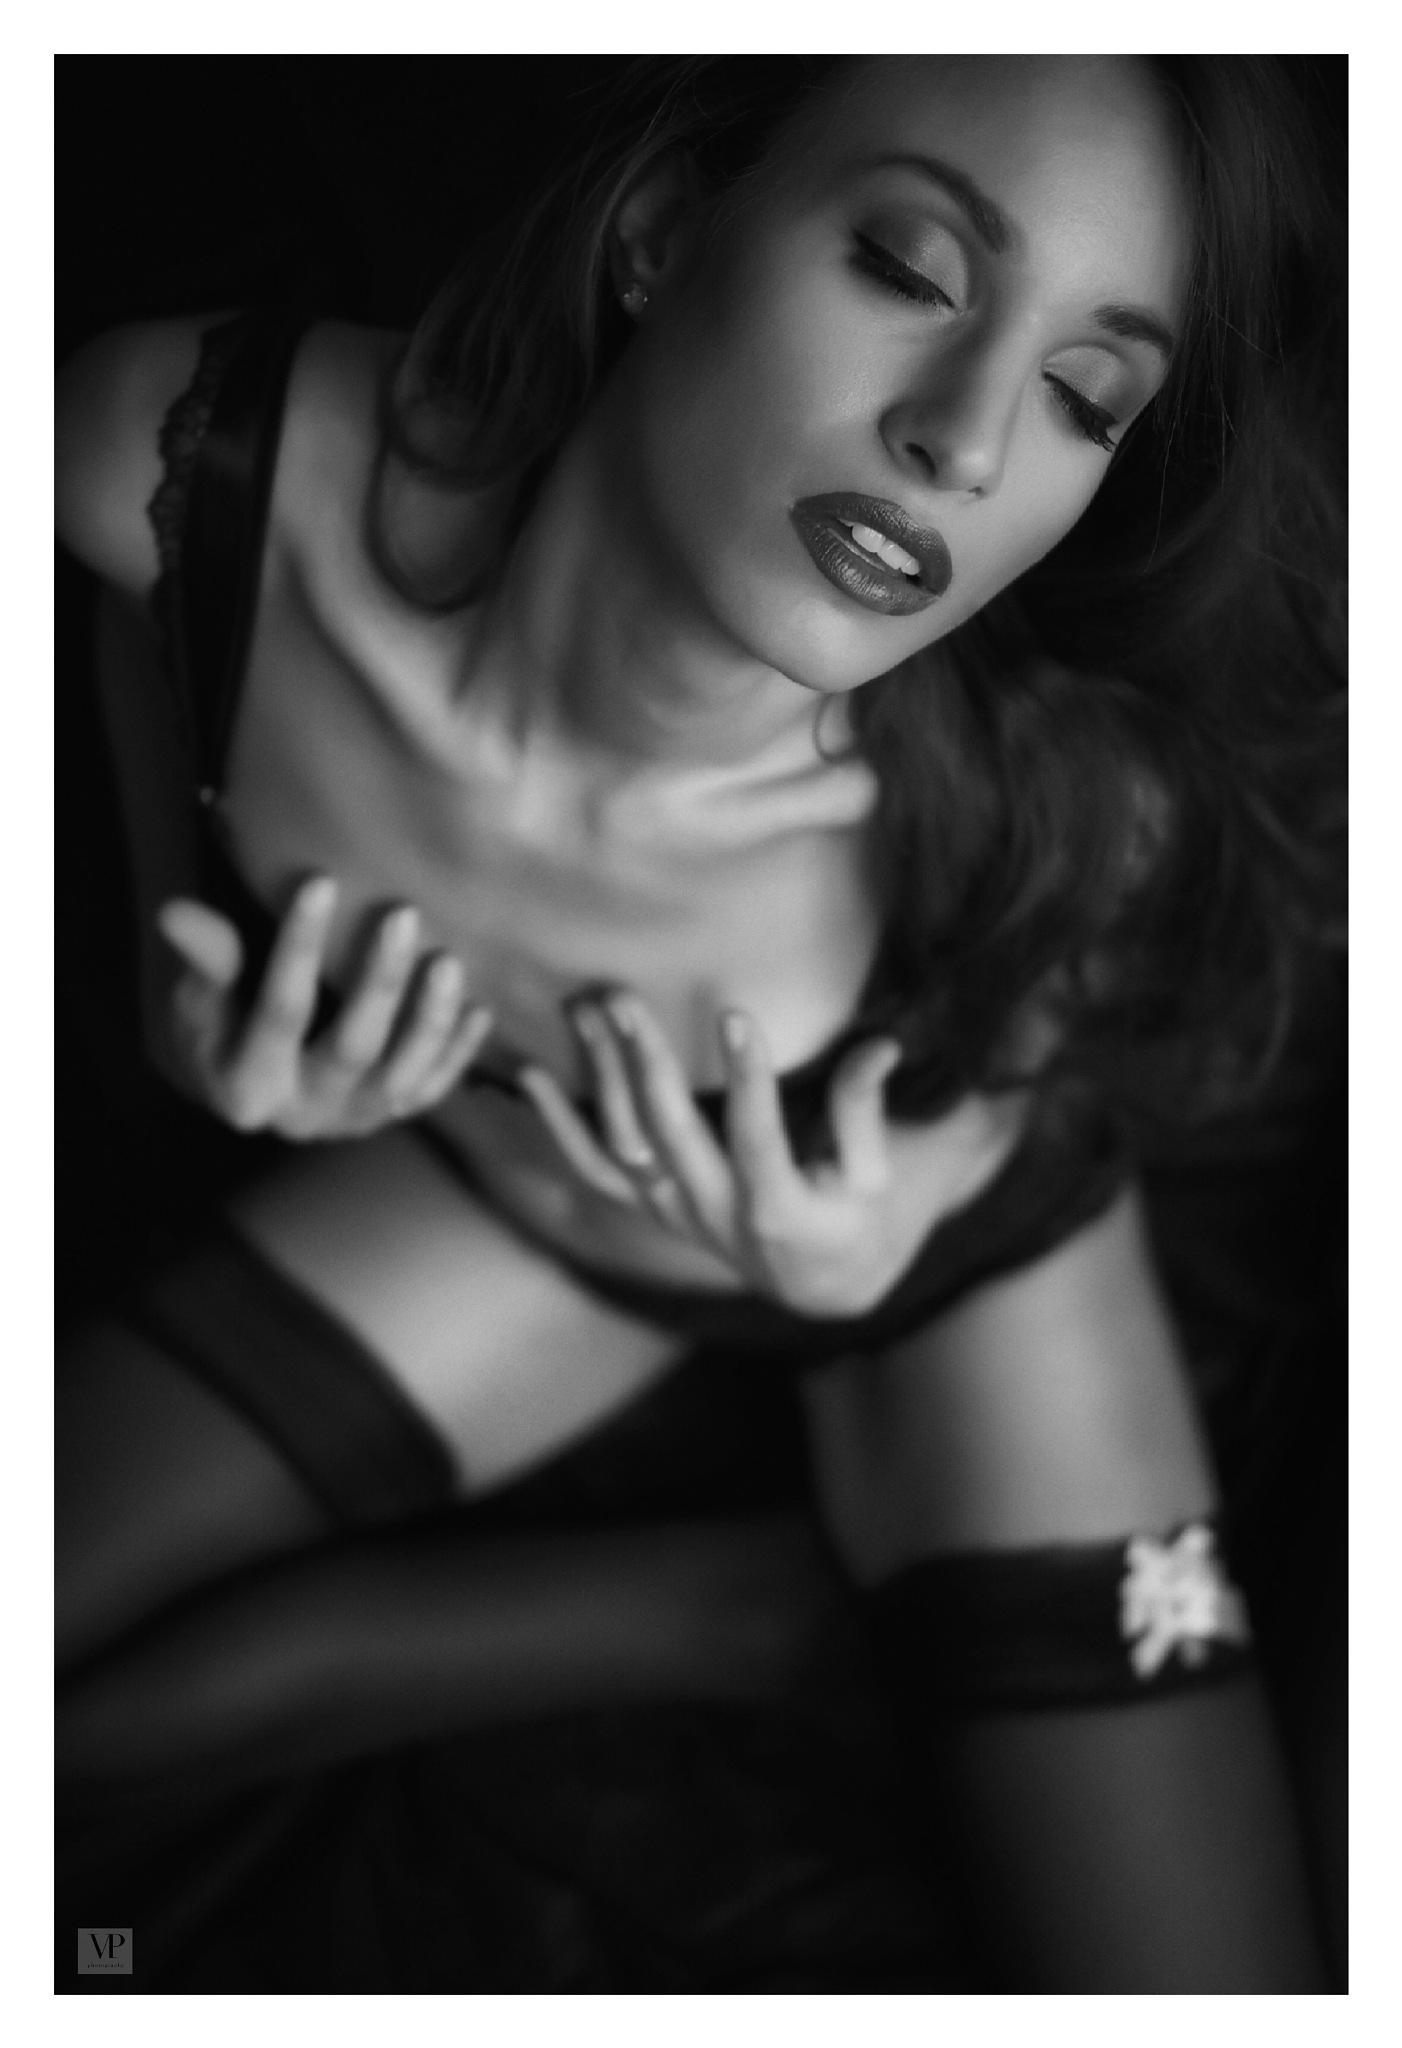 la femme by                         Vassilis Pitoulis     @vpitoulis